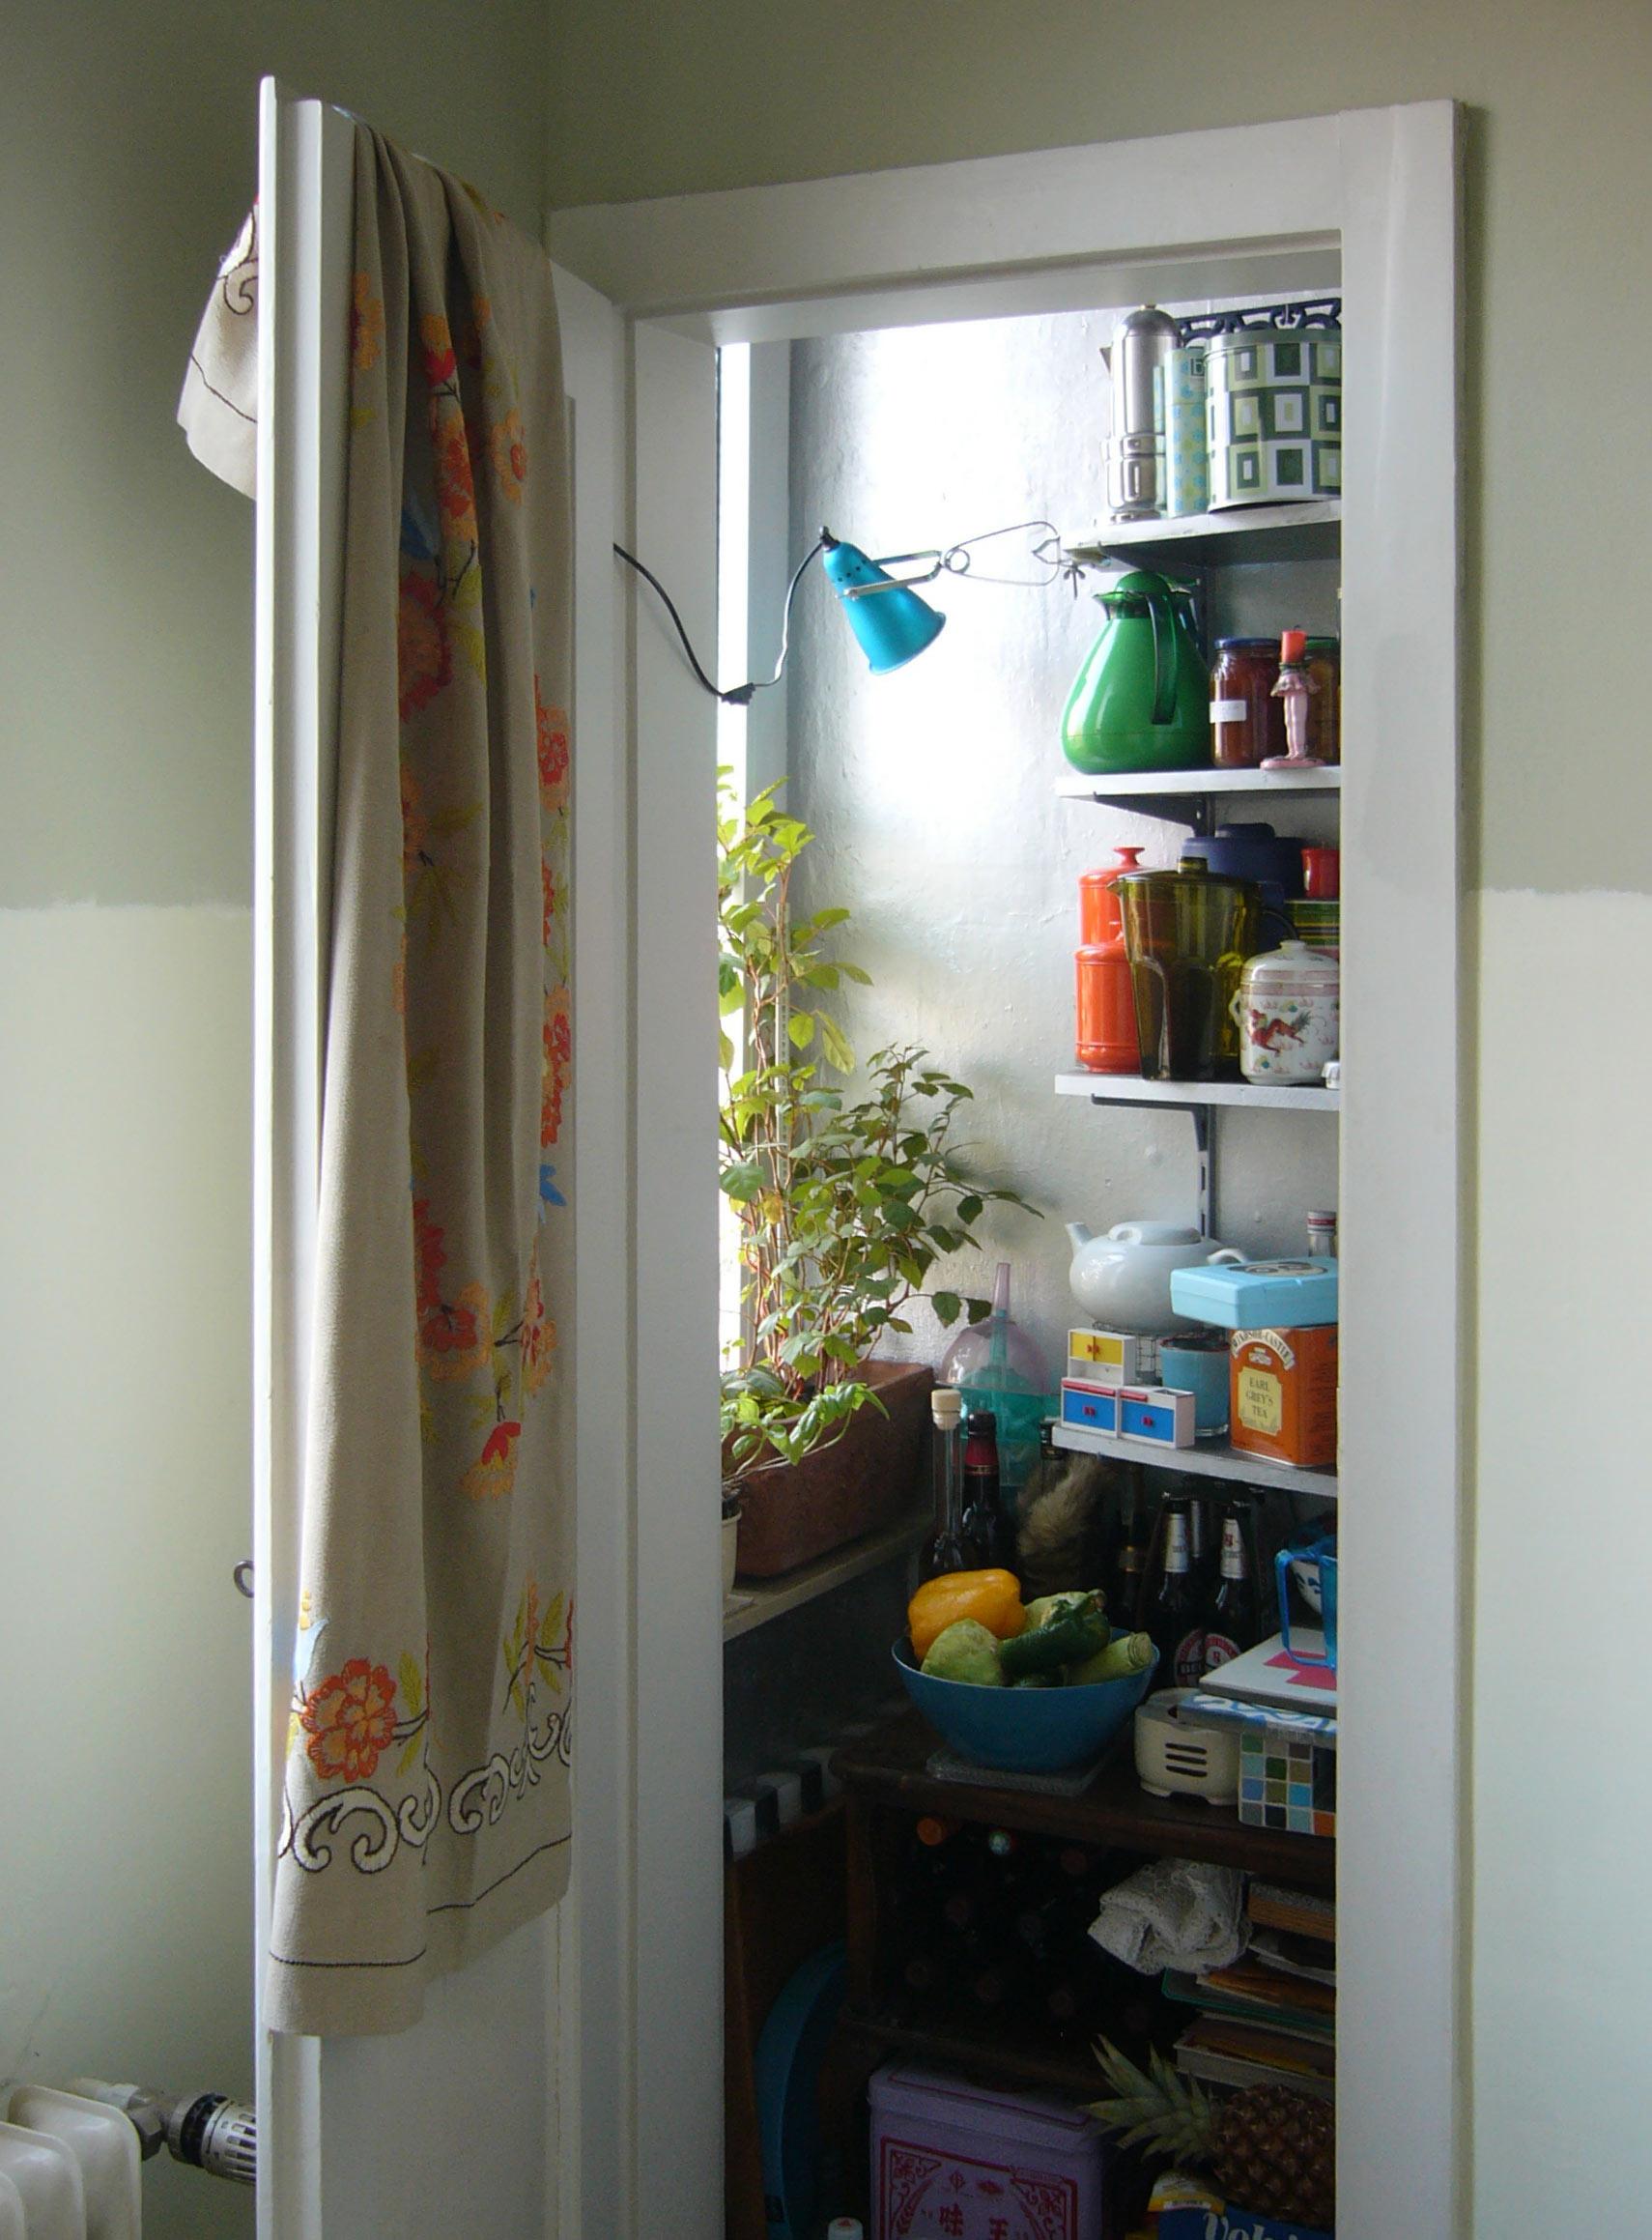 Offene kleine Tür führt zur Speisekammer mit vielen Regalen